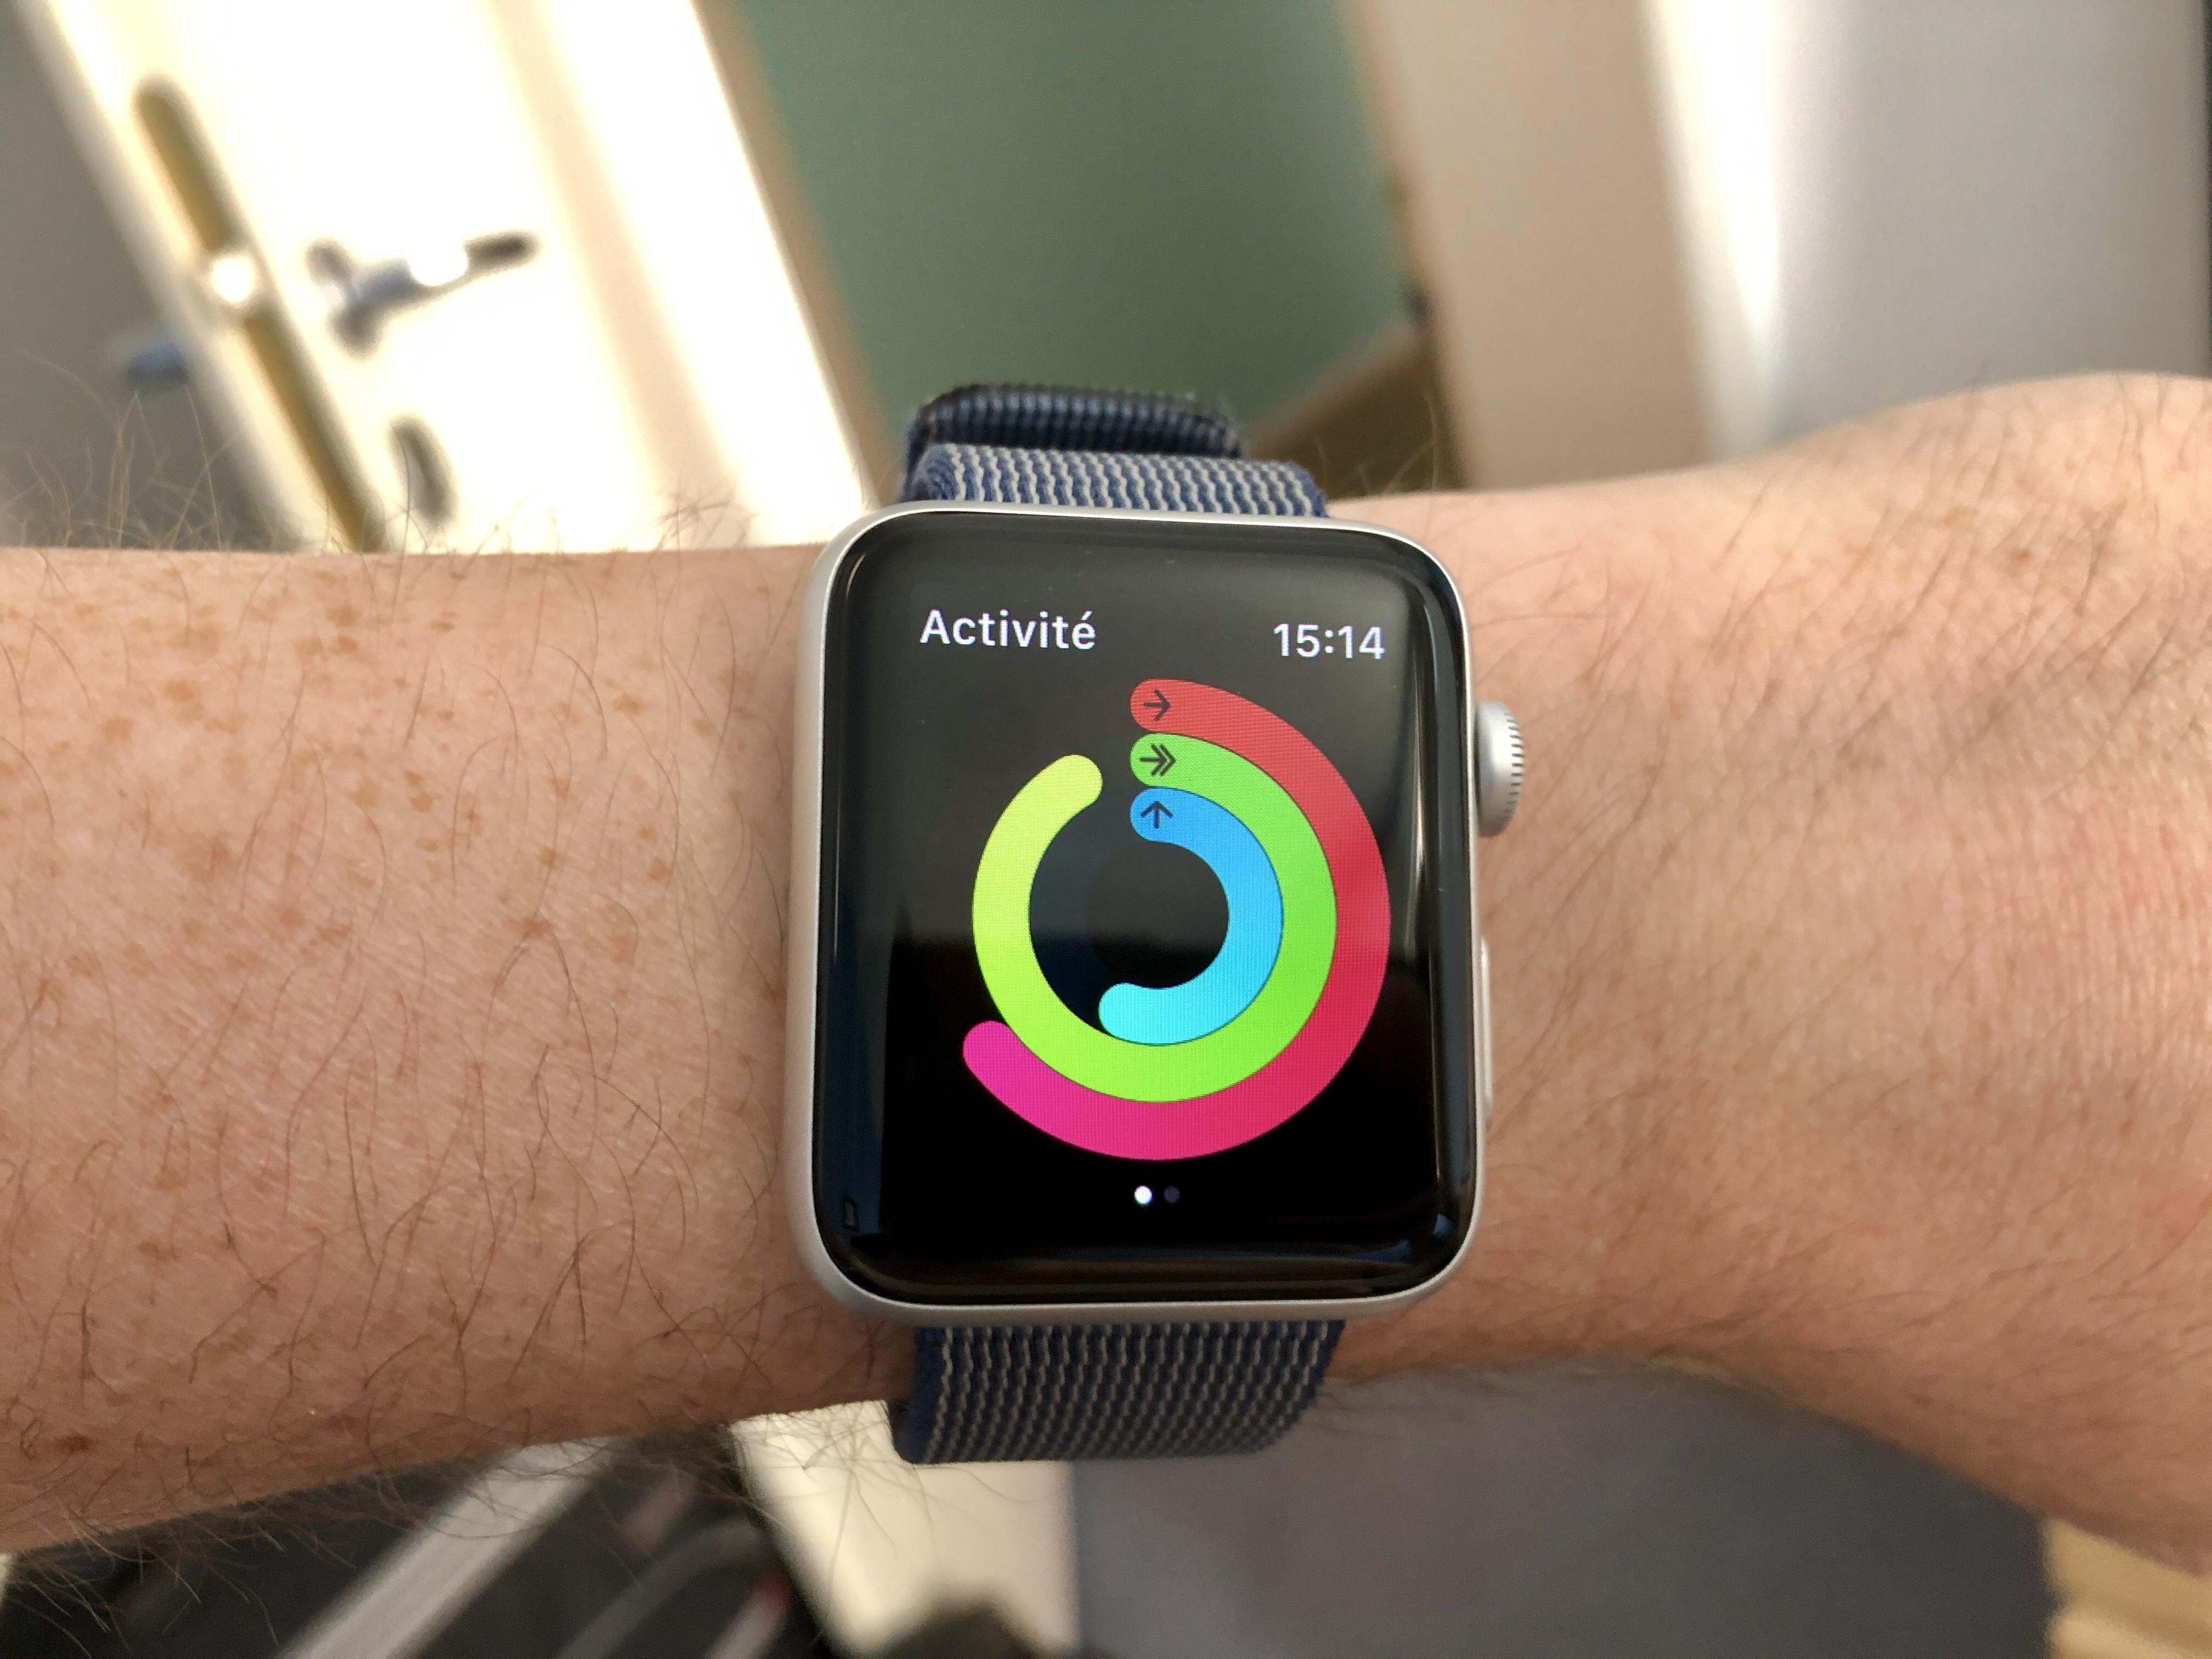 Voici comment partager son activité et défier ses amis sportifs avec l'Apple Watch 1